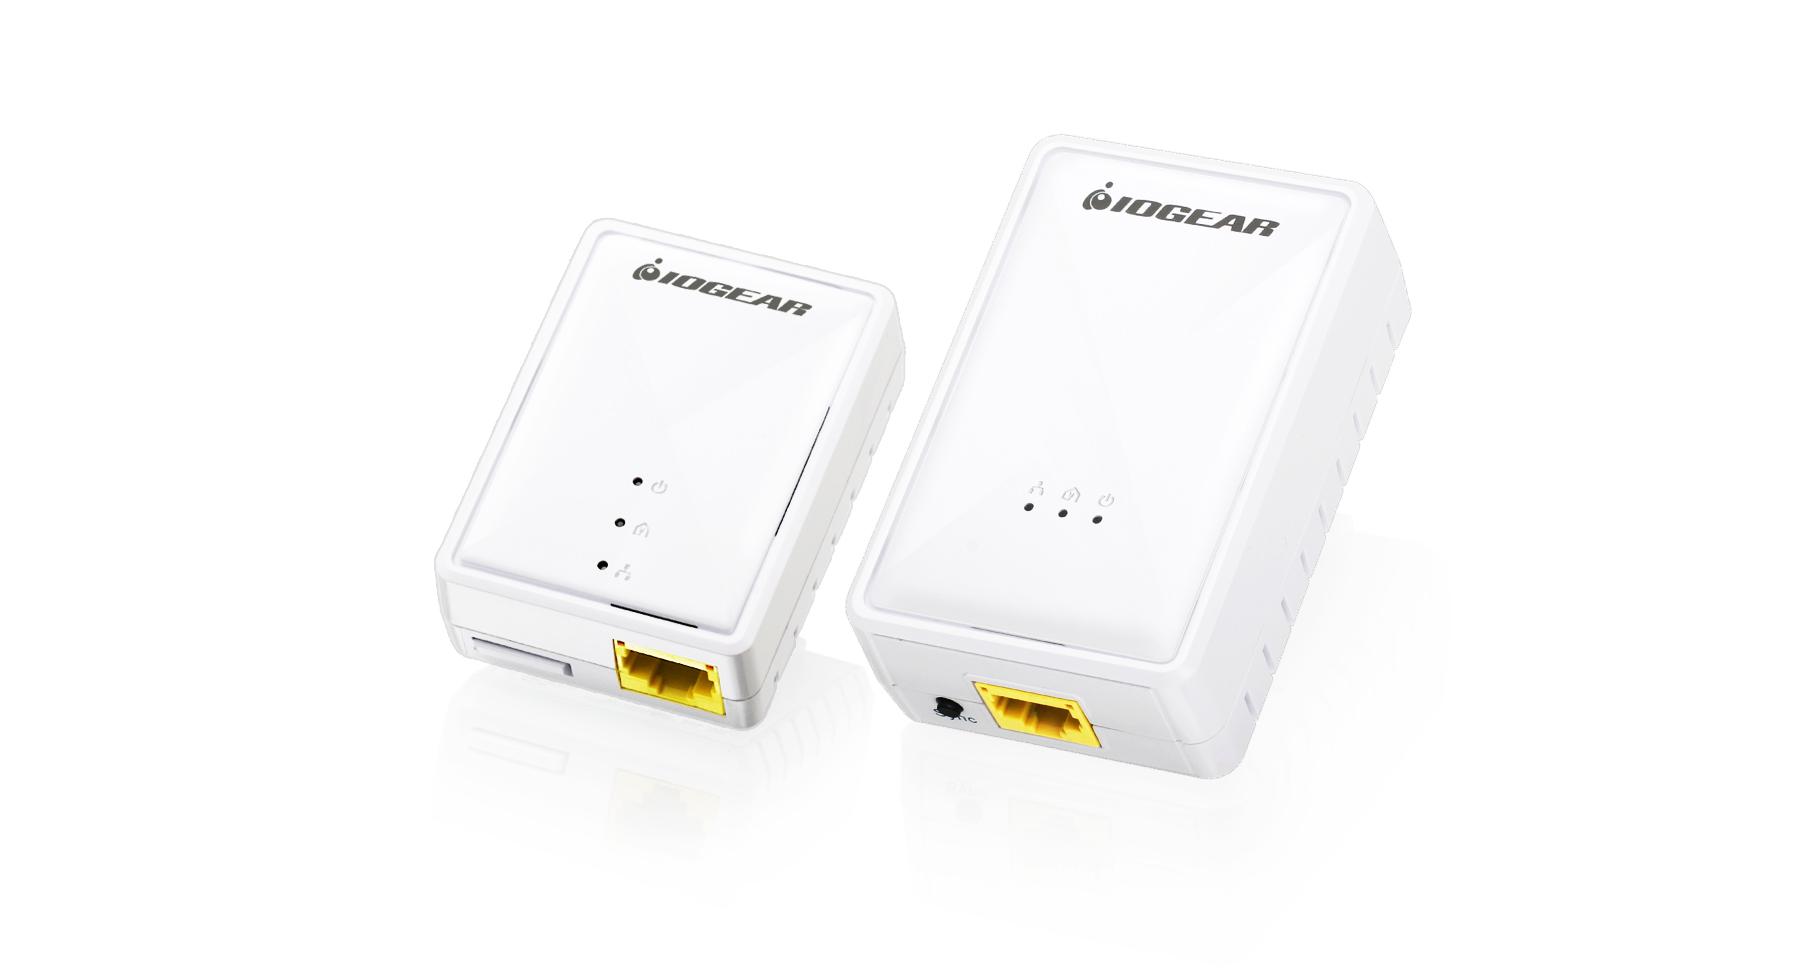 wireless extender diagram john deere 317 ignition switch wiring iogear gplwekit powerline wi fi kit